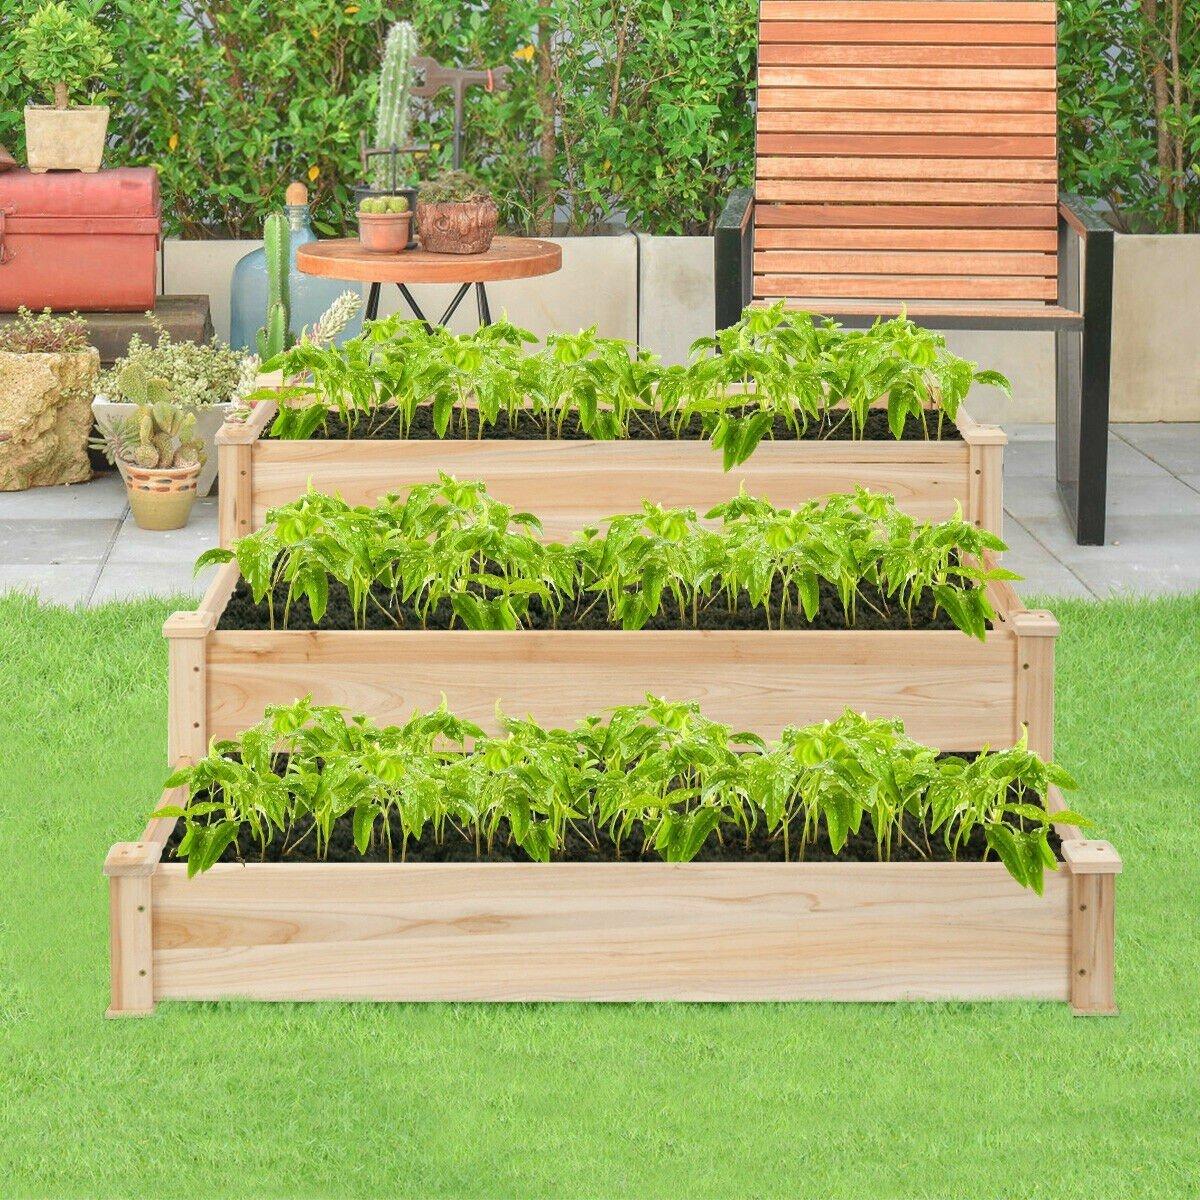 3 Tier Elevated Wooden Vegetable Garden Bed Vegetable